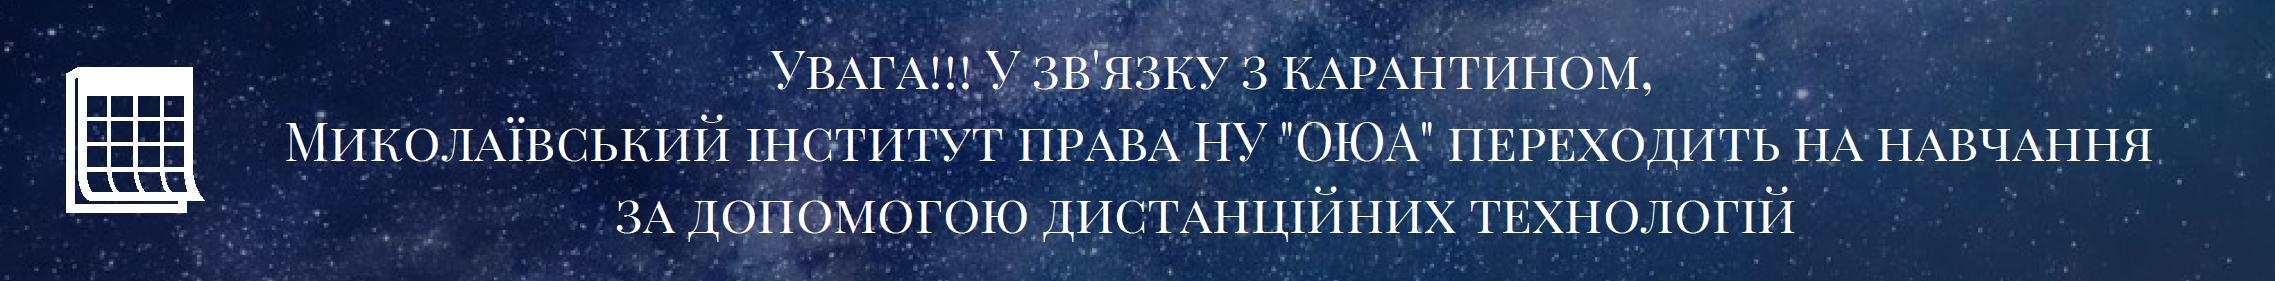 Миколаївський інститут права Національного університету _Одеська юридична академія_ (4)